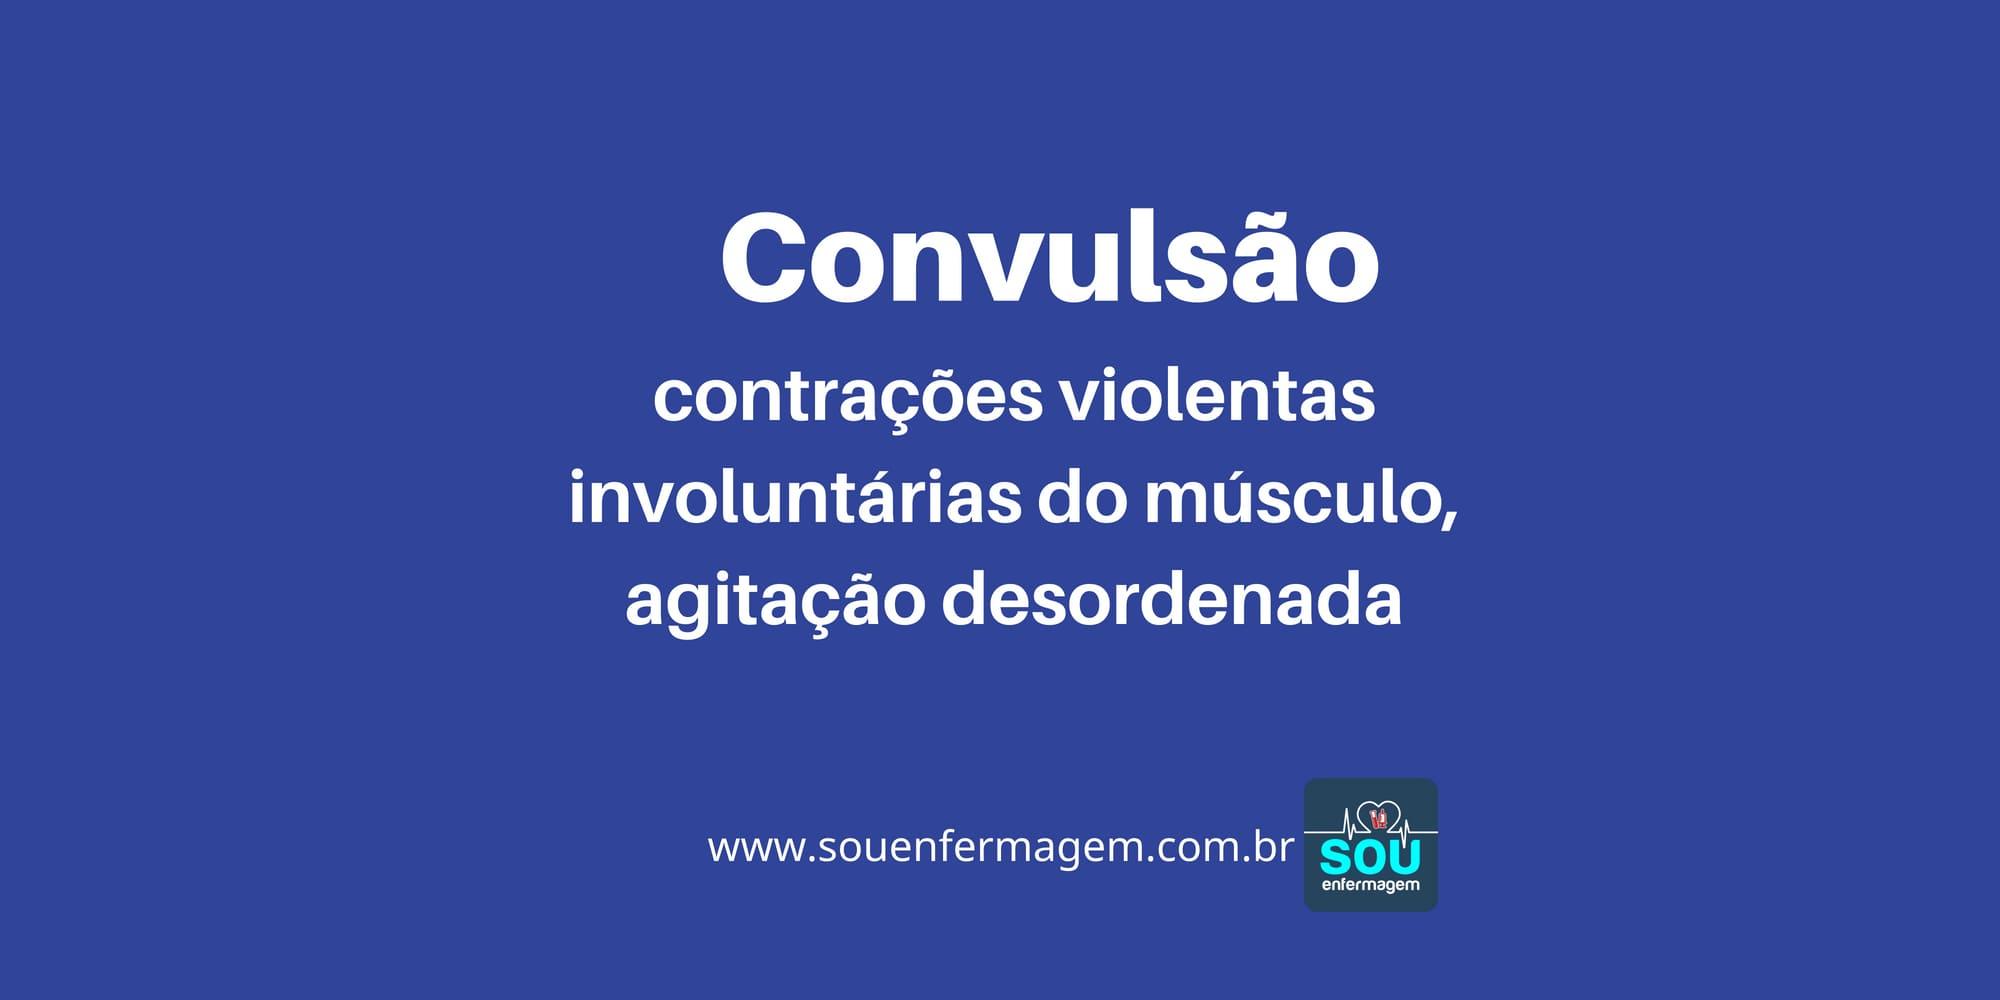 Convulsão